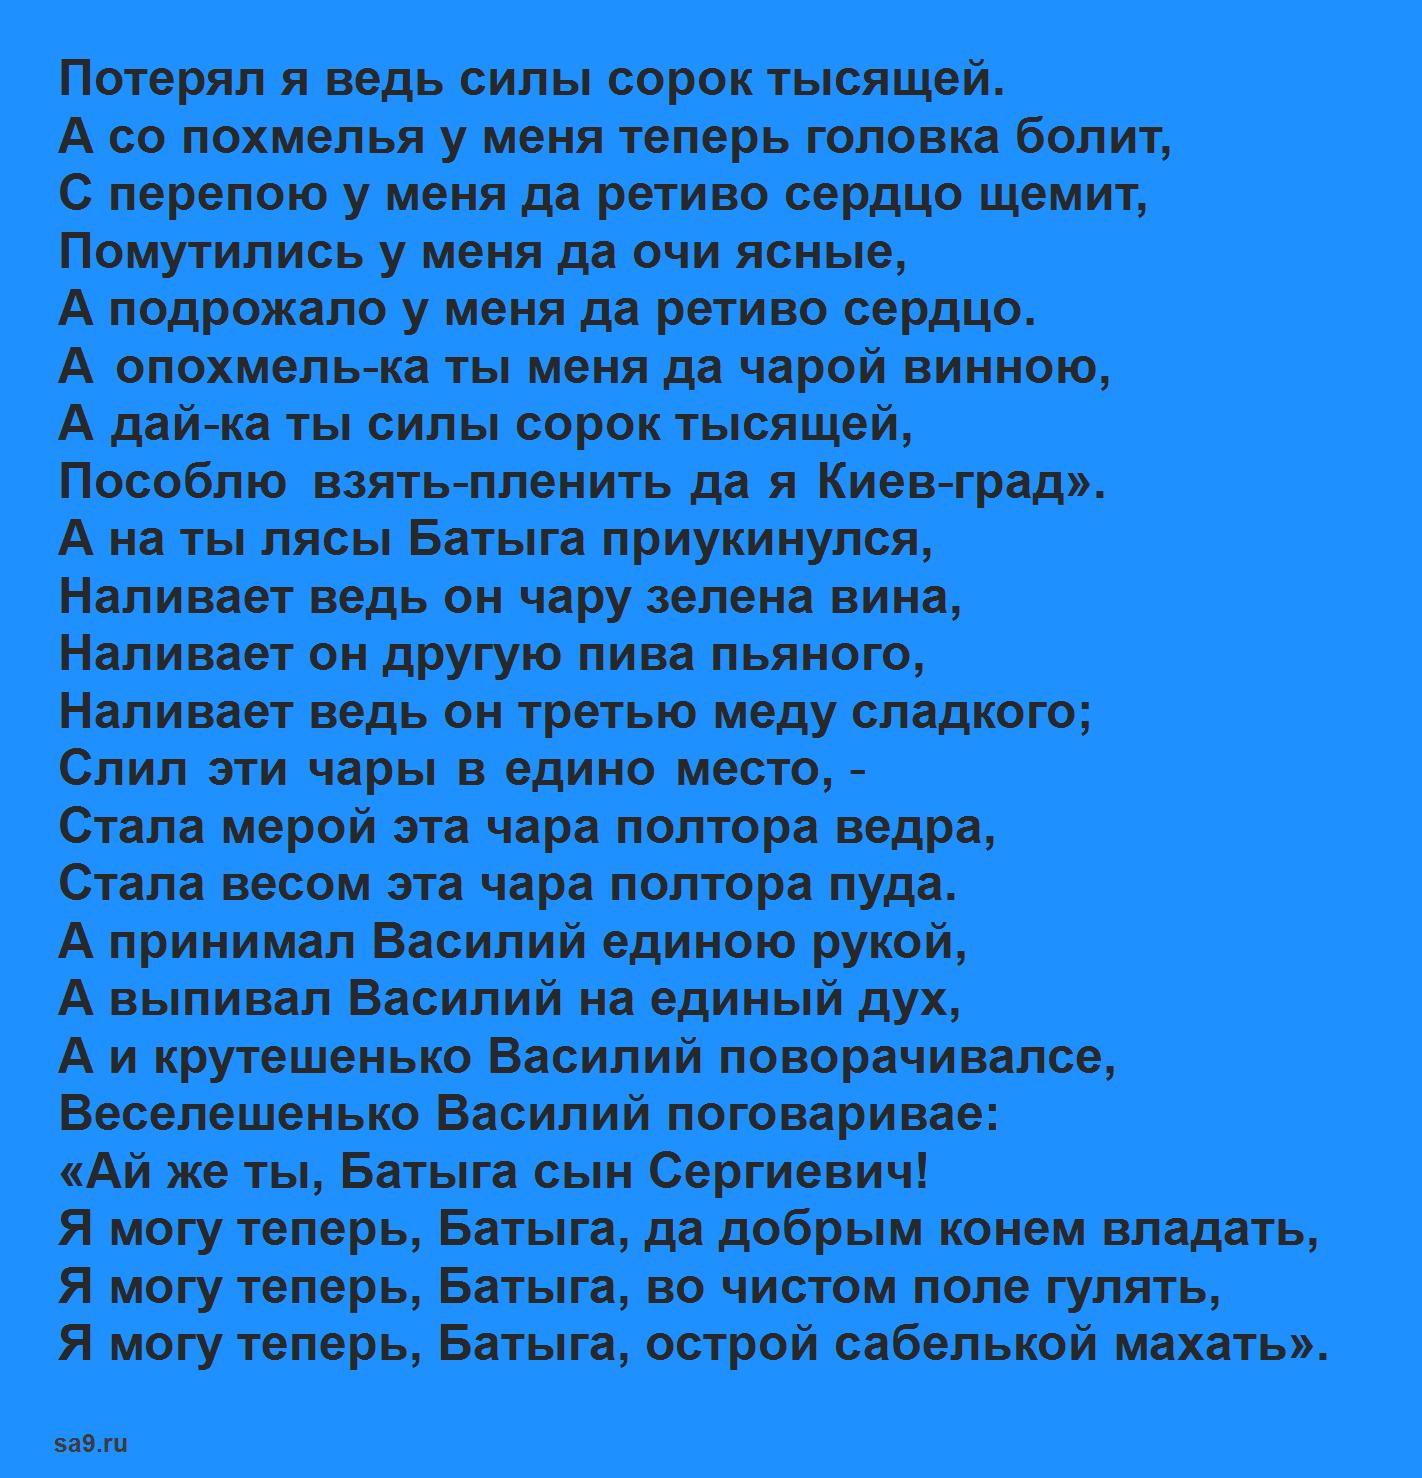 Читать былину - Василий Игнатьевич и Батыга